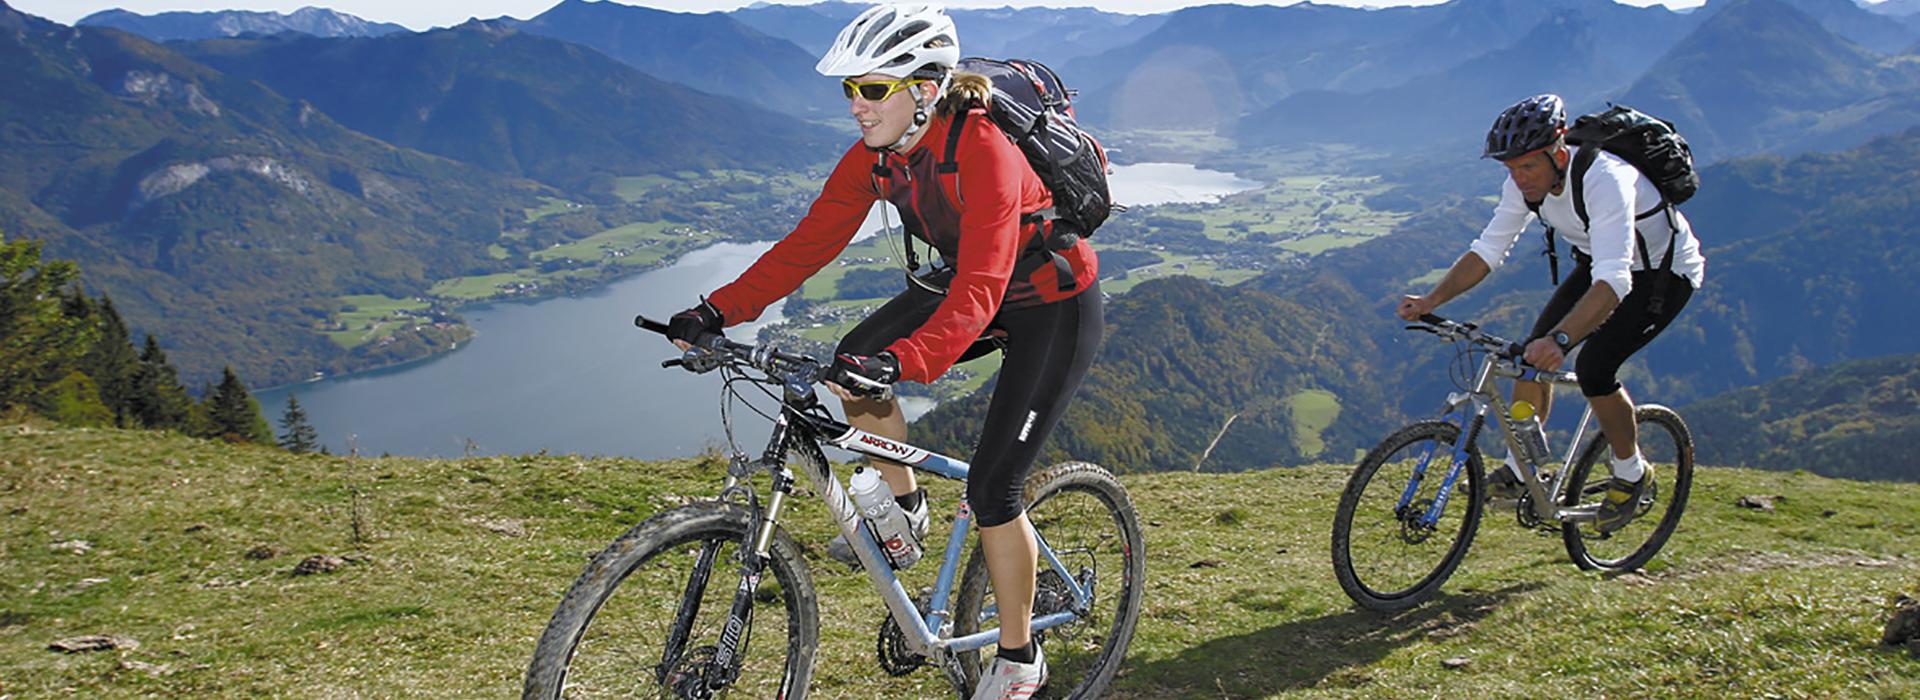 2 Mountainbiker genießen die Berge und die Natur über einem wunderschönen See